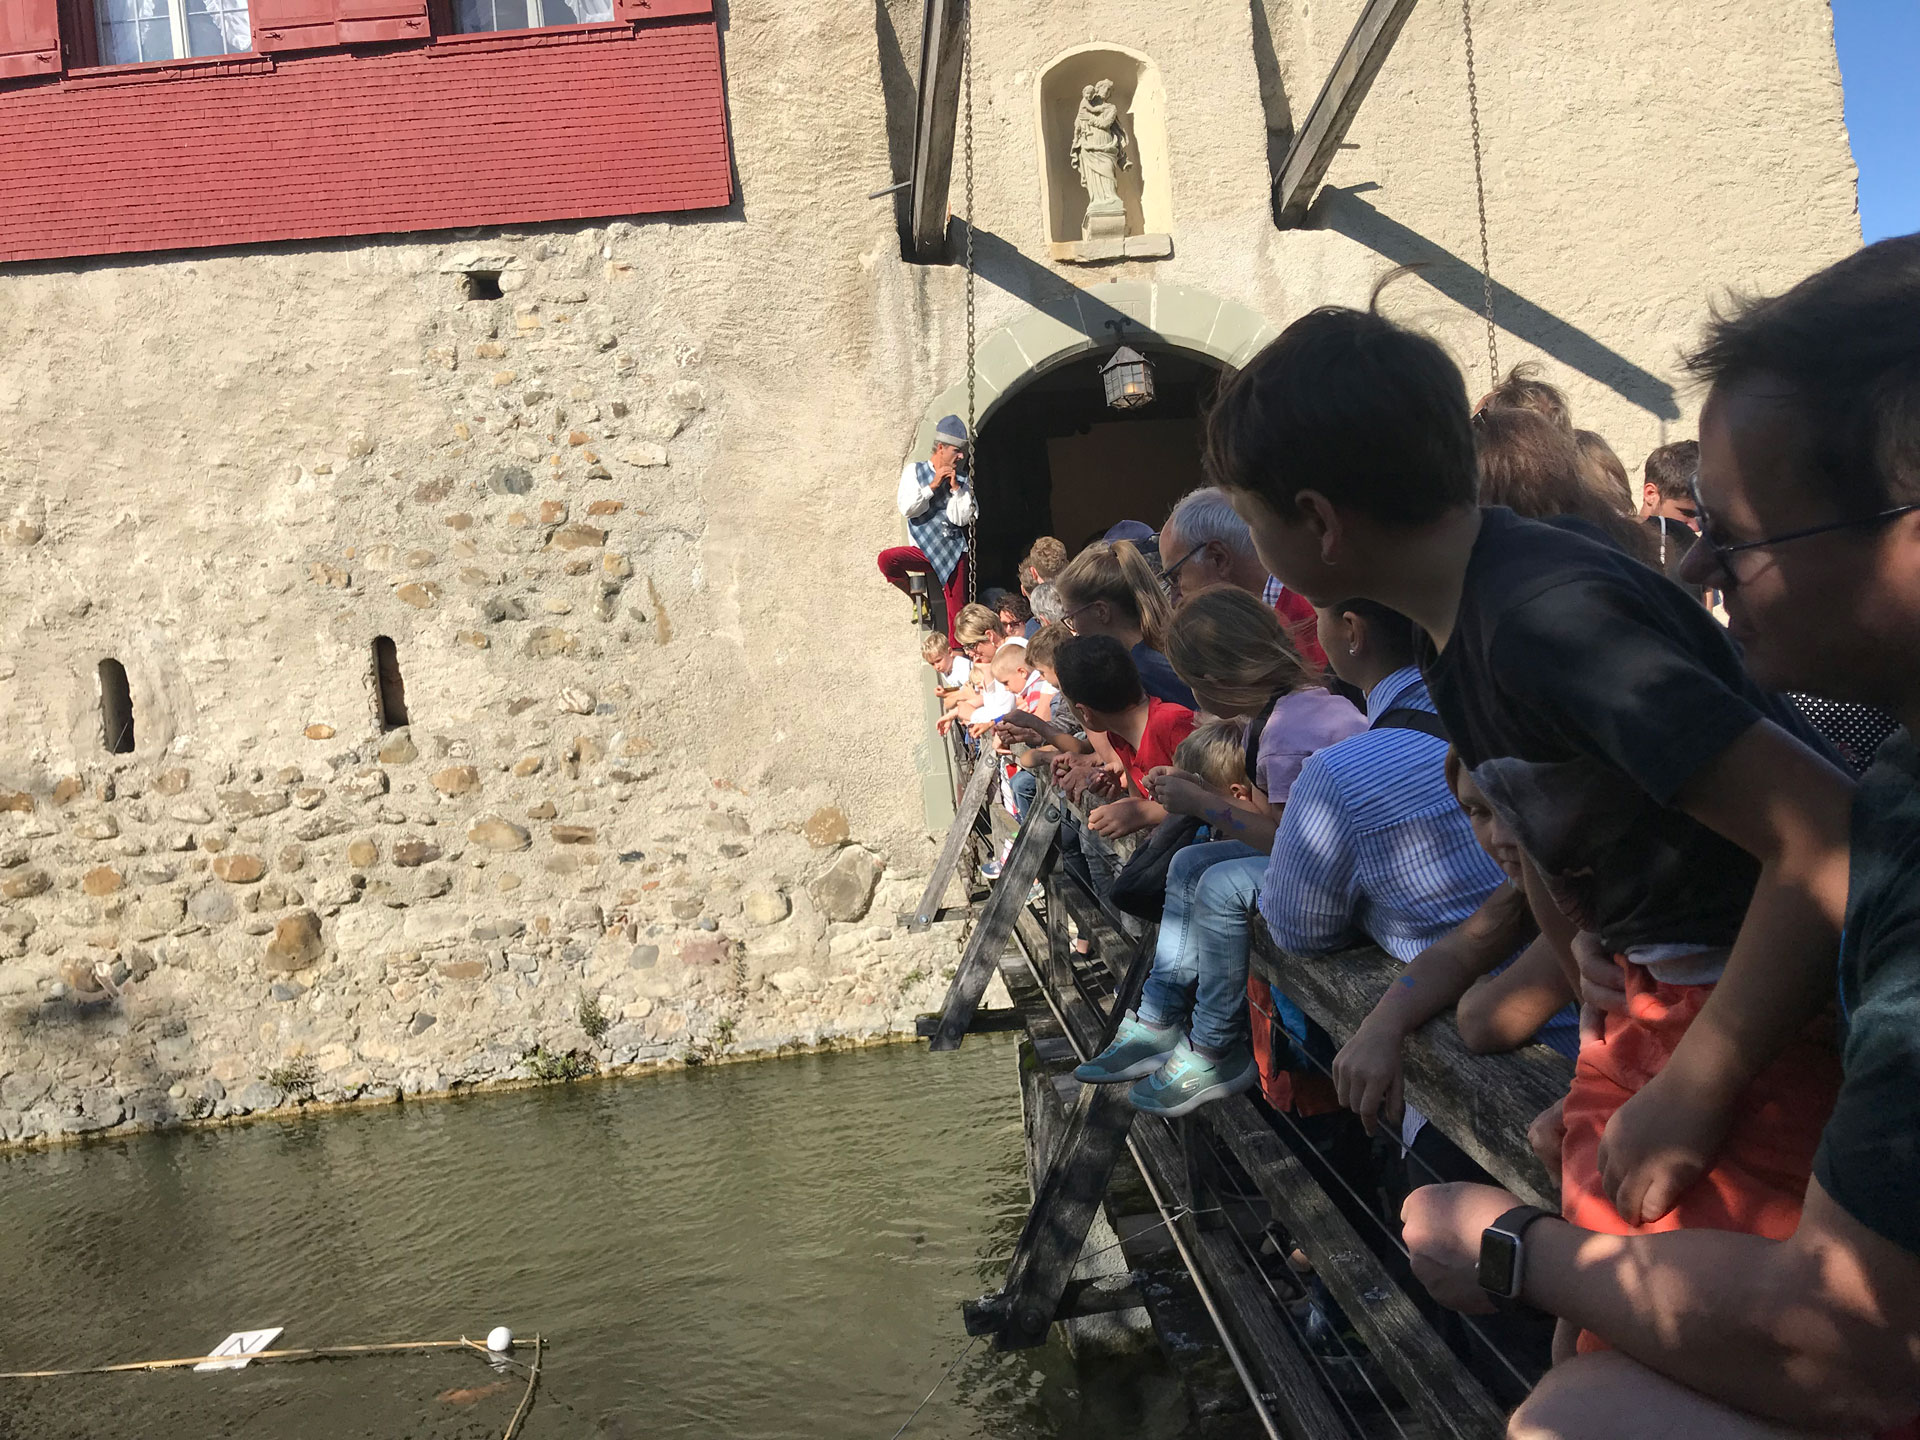 WasserschlossHagenwil_Erntedankfest19_04.JPG